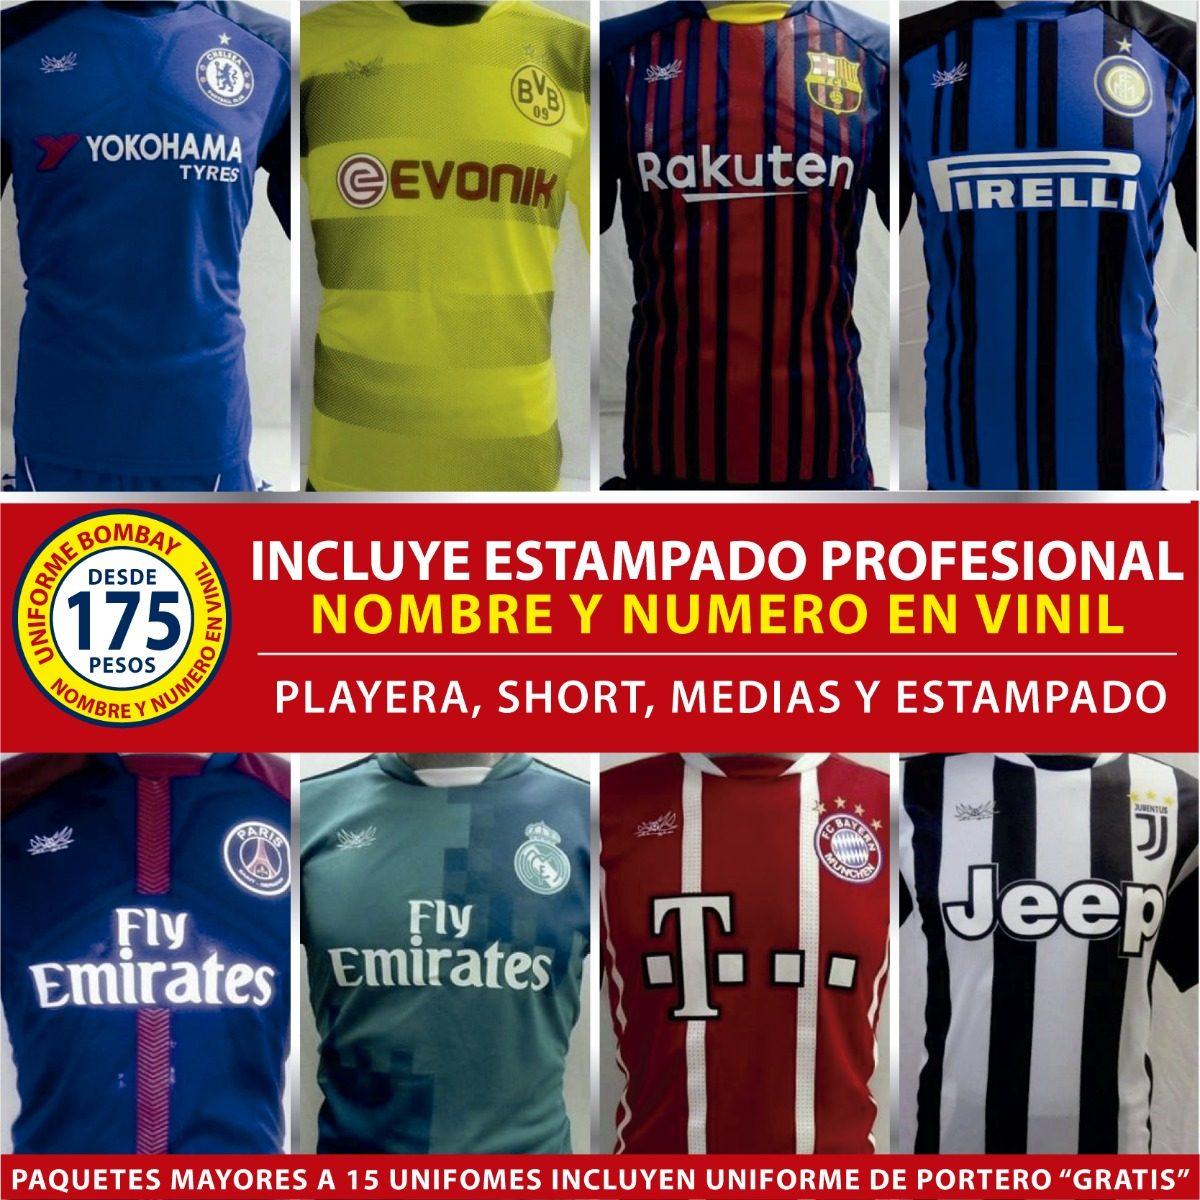 f982114265316 Uniformes Fútbol C  Nombre Y Número En Vinil - Minimo 10 Pza ...